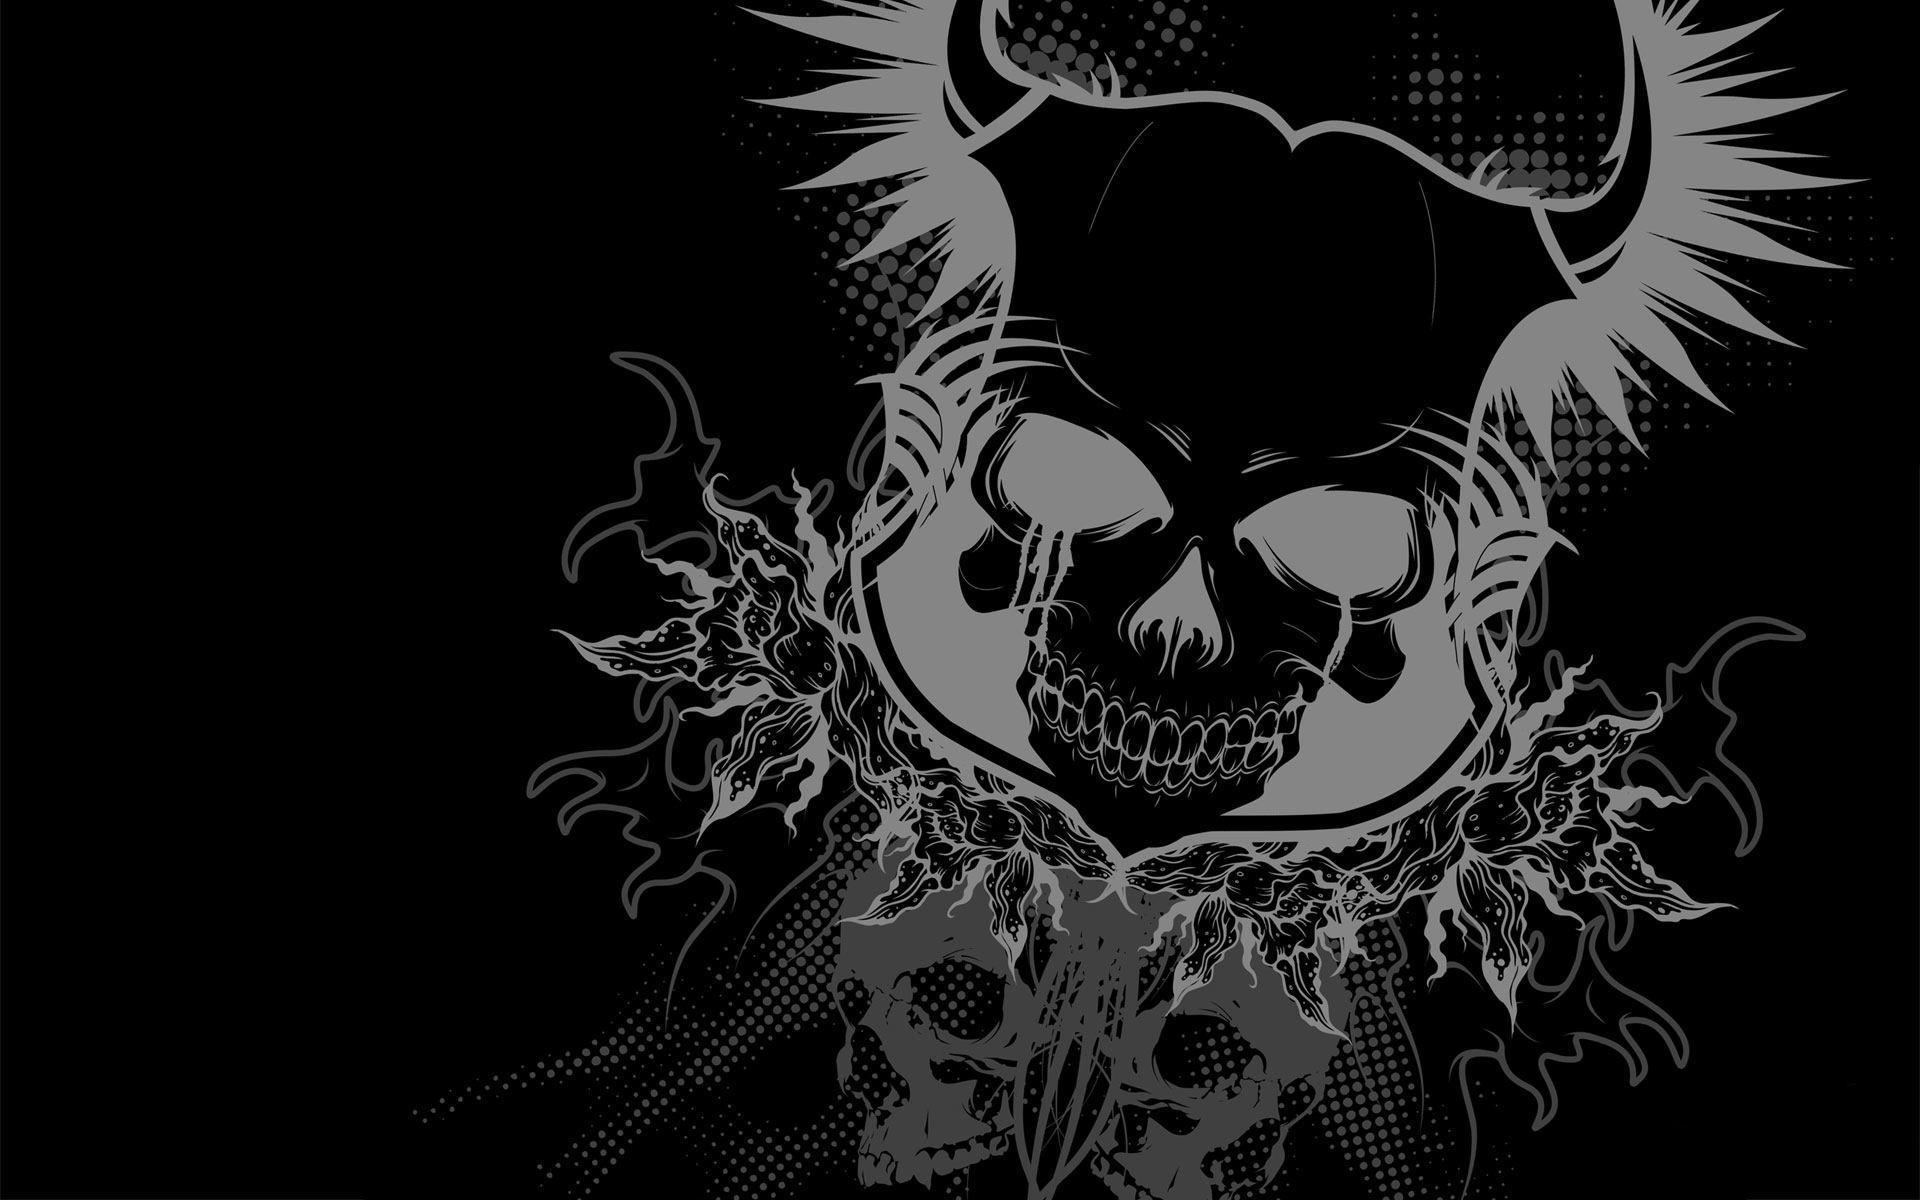 Skull-Wallpaper-Android-5